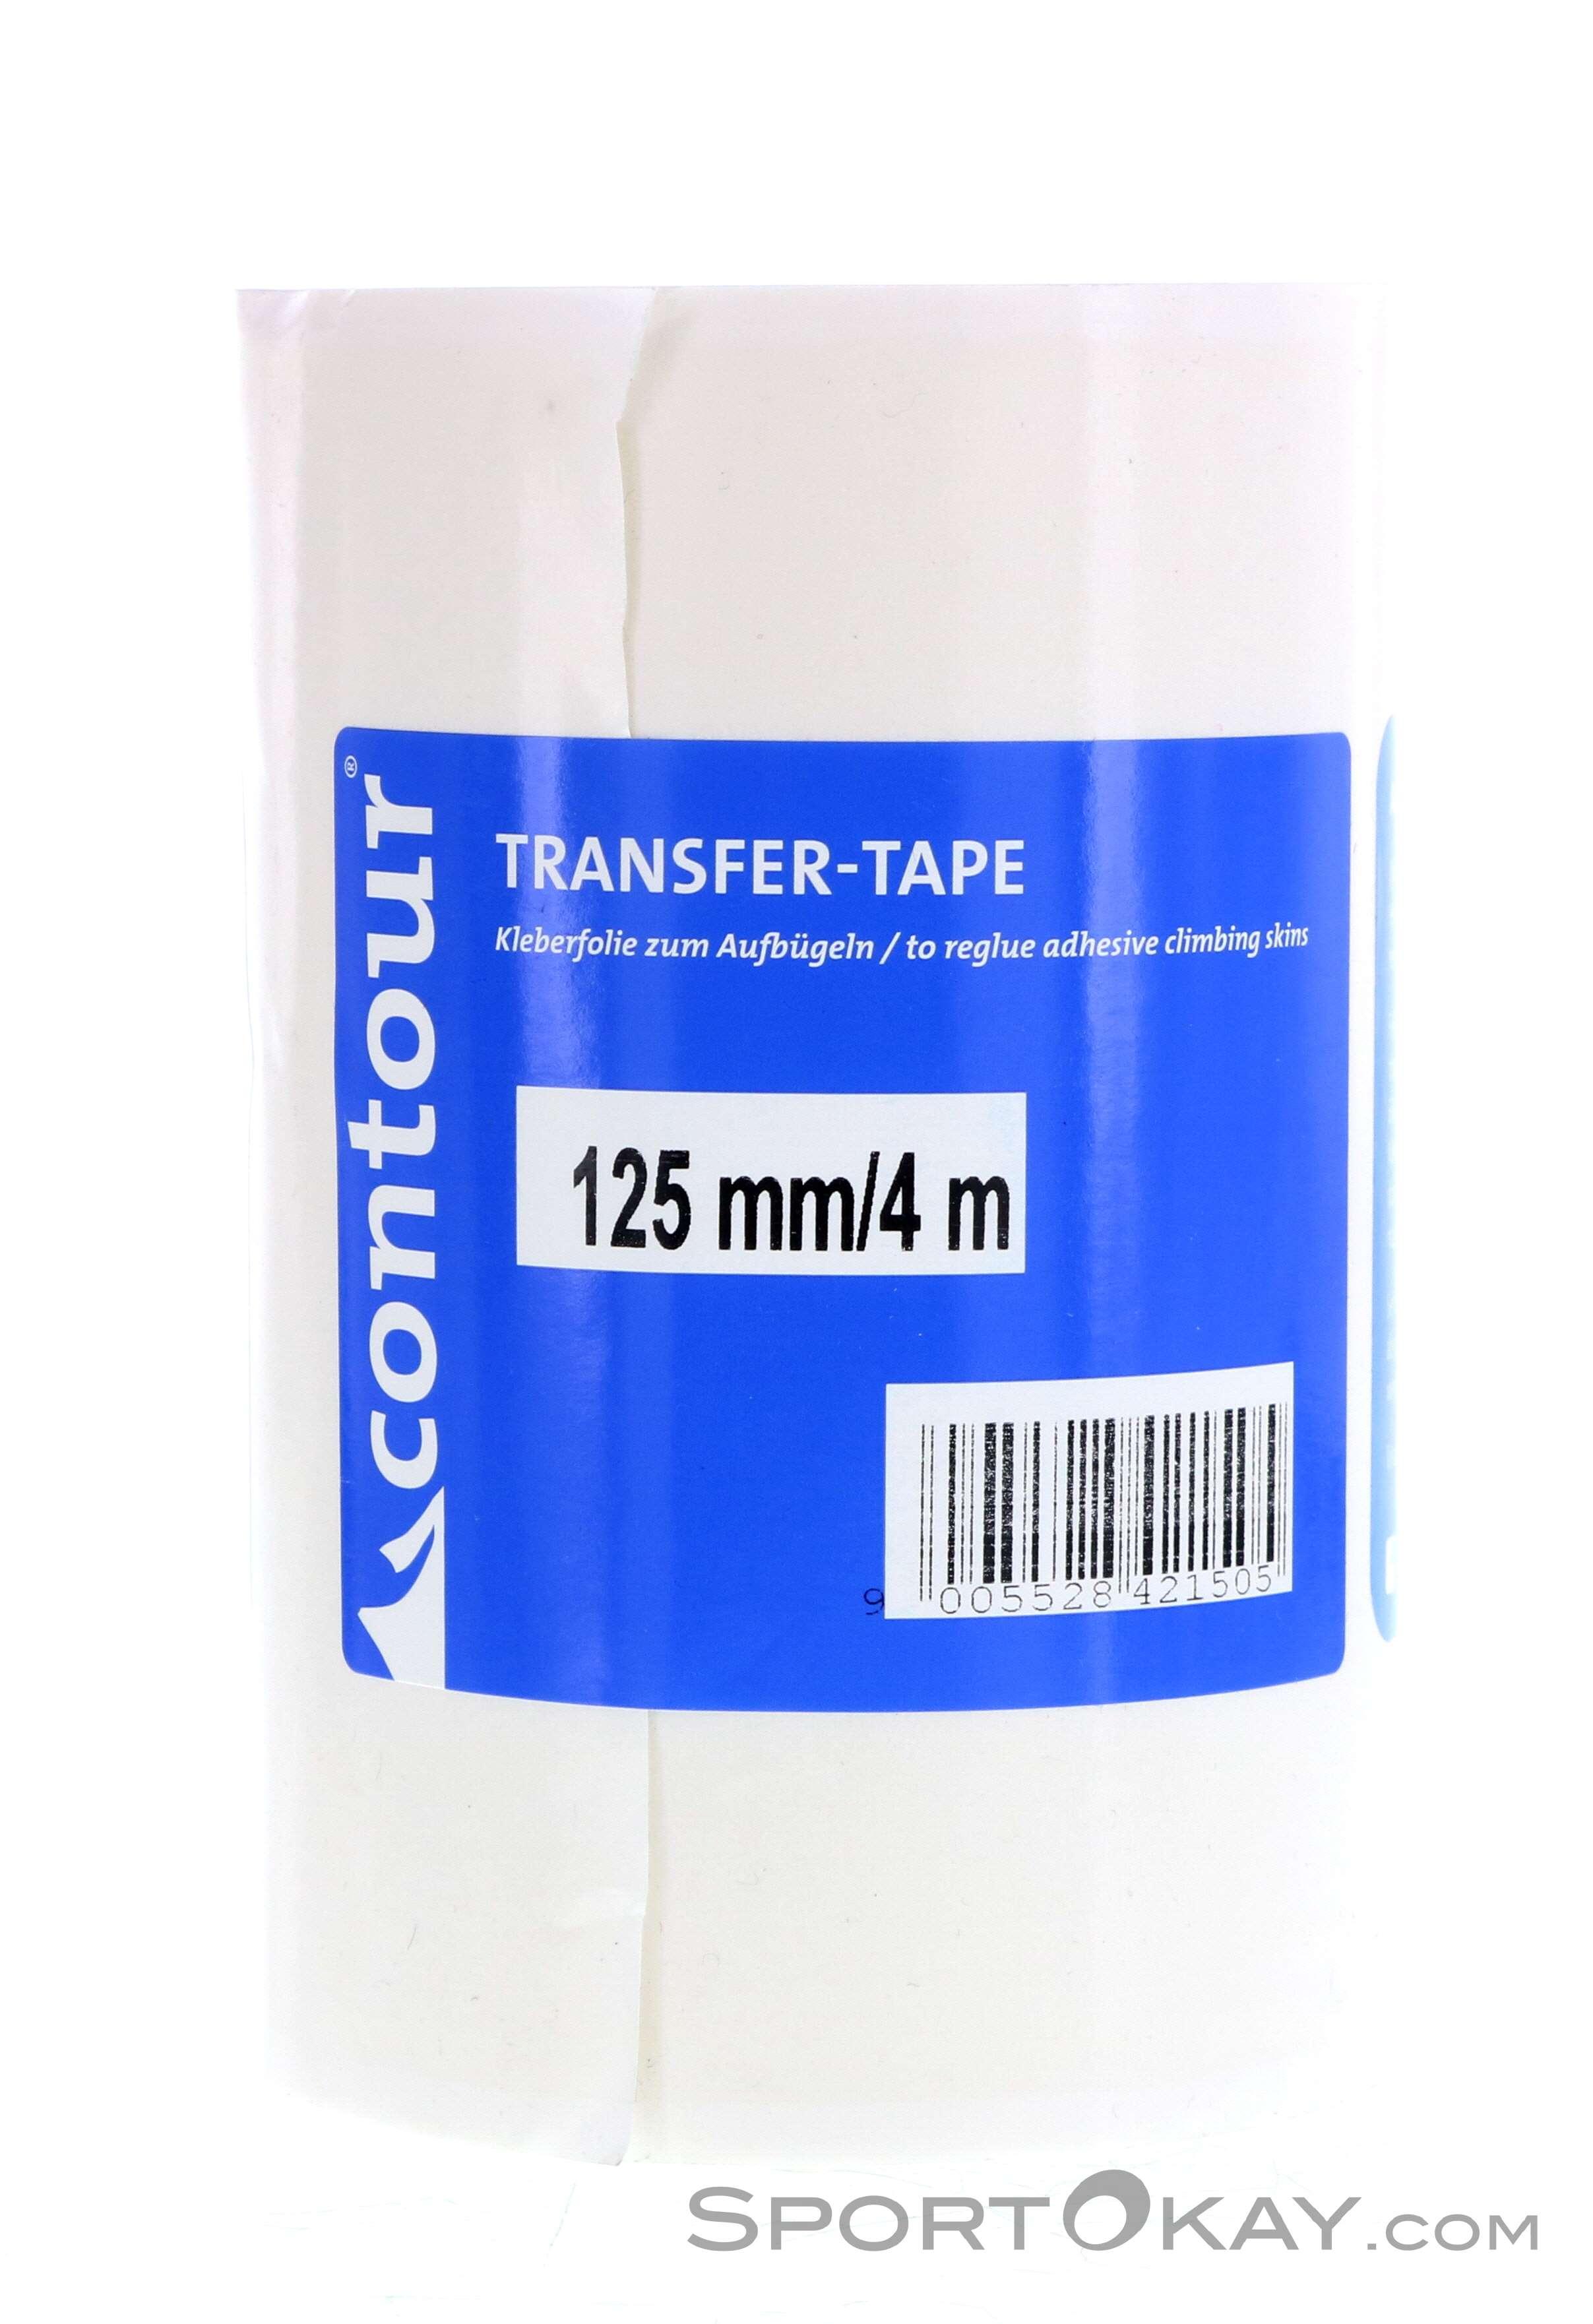 Colltex Transfertape 125mm Hotmelt Tape Erneuerung der Klebeschicht Rolle-4m